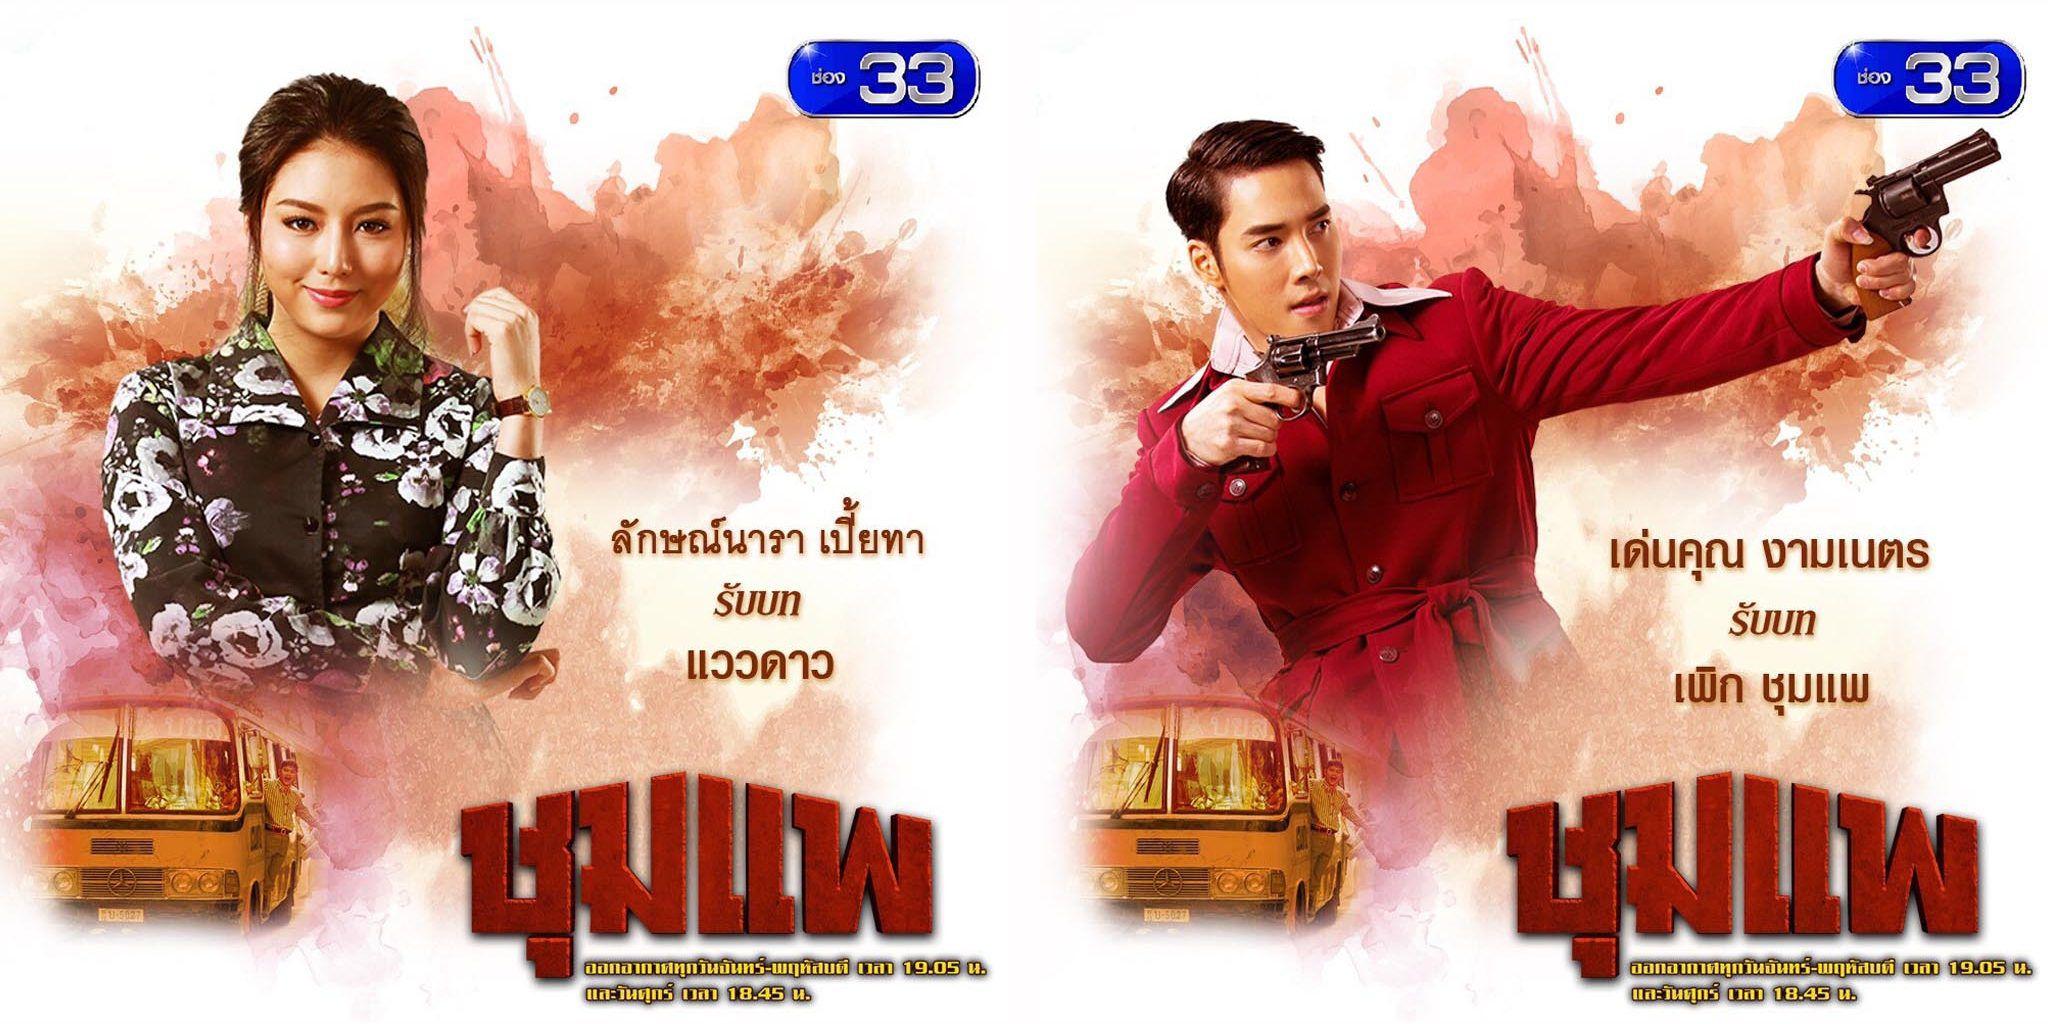 Lịch phát sóng và nội dung phim của đài CH3 Thái Lan tháng 1/2019 (4)